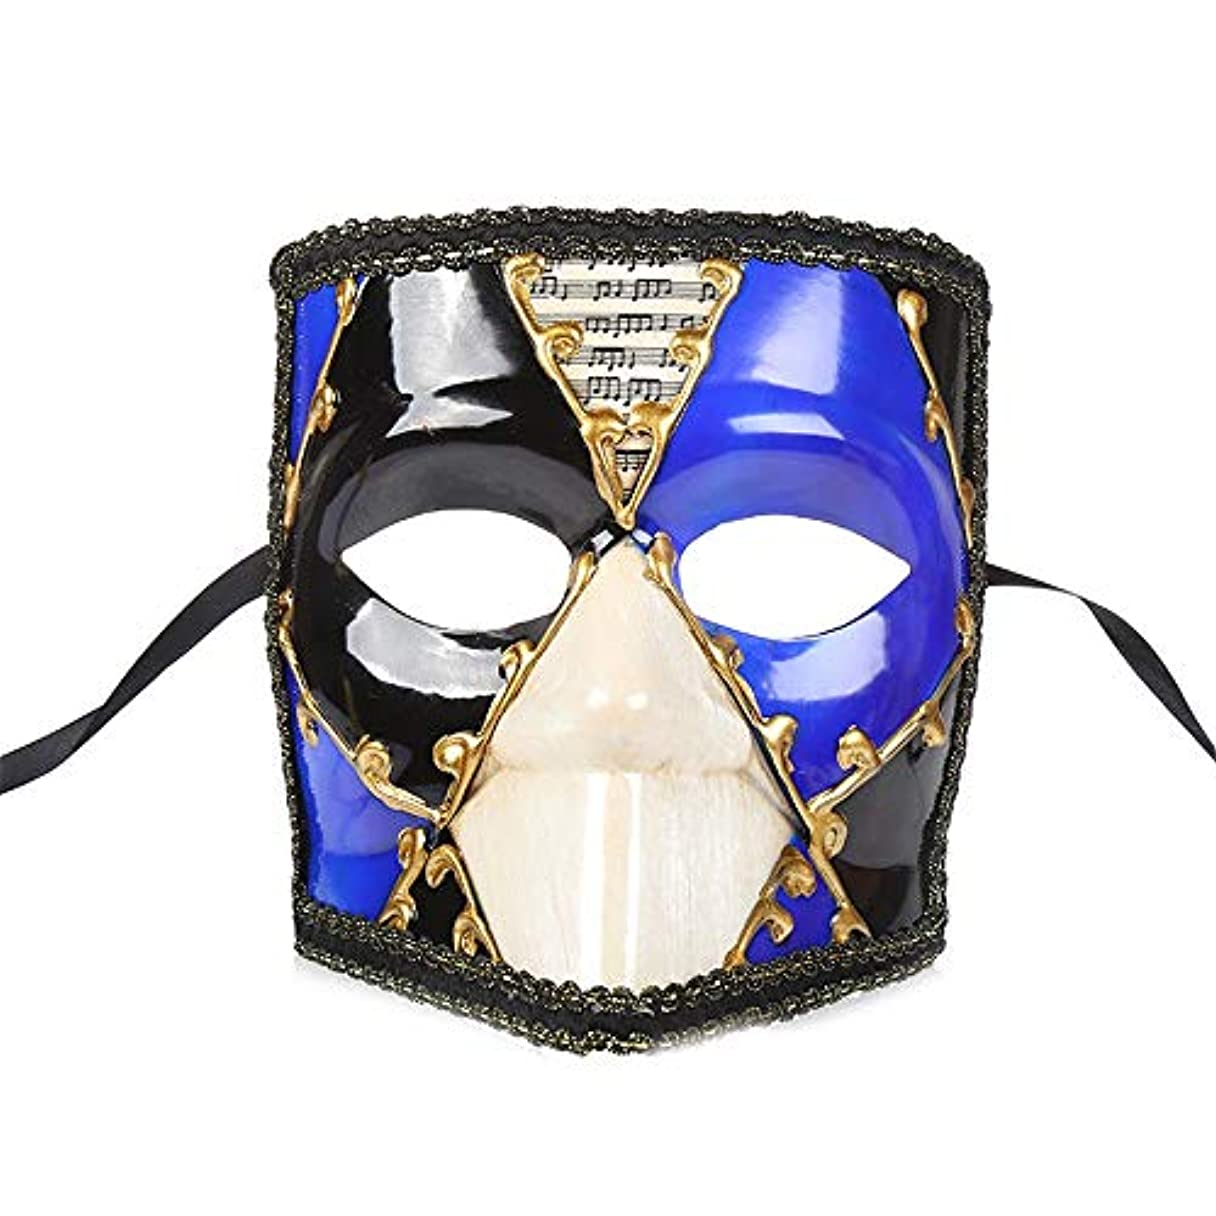 鳴らす大学院れるダンスマスク ピエロマスクヴィンテージマスカレードショーデコレーションコスプレナイトクラブプラスチック厚いマスク ホリデーパーティー用品 (色 : 青, サイズ : 18x15cm)